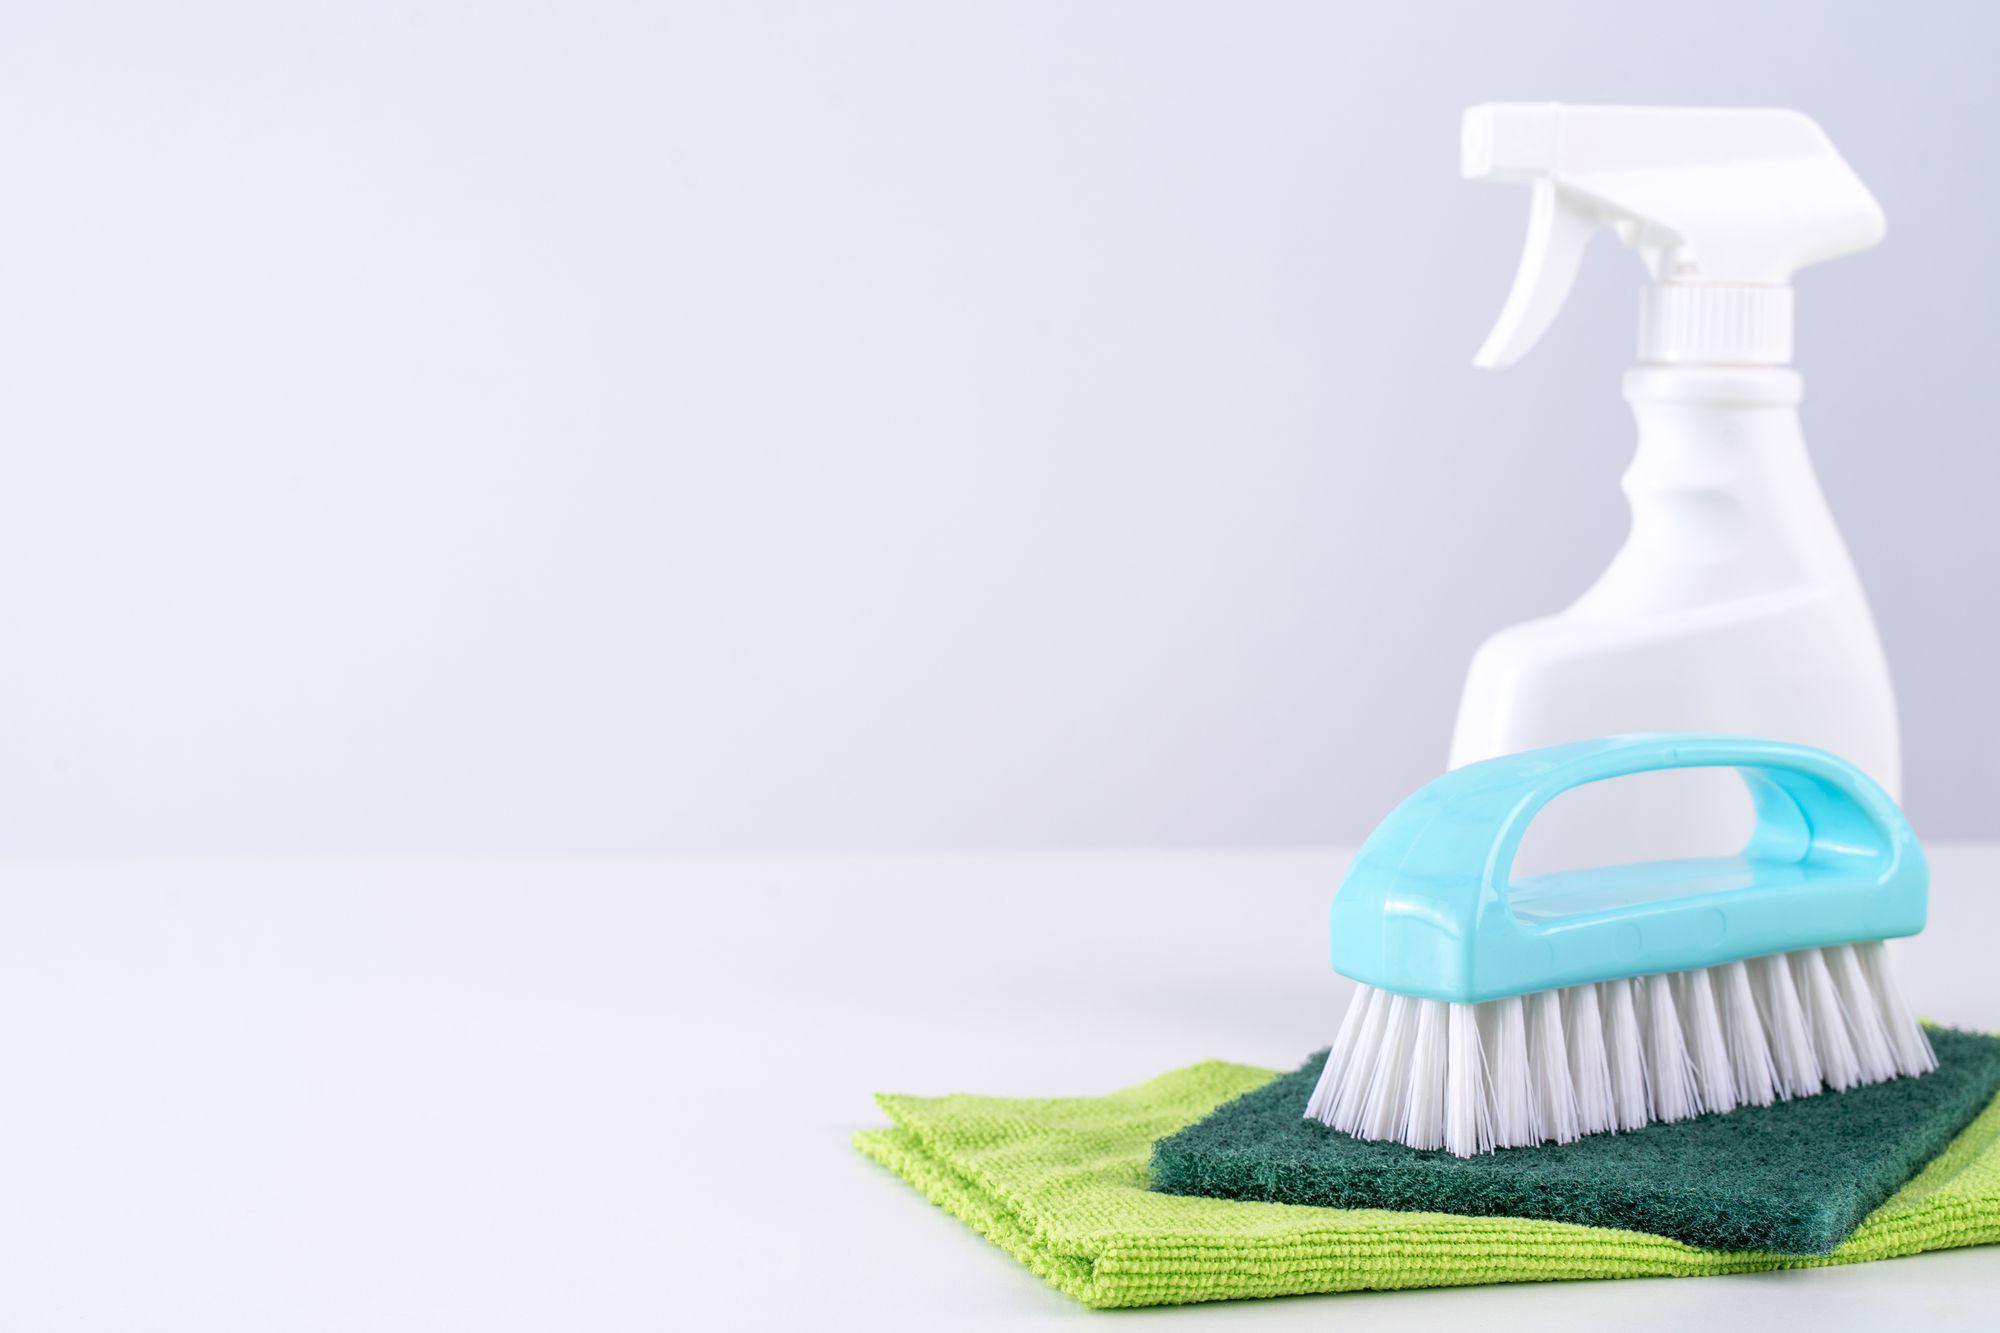 オフィス清掃業者の担当を毎回同じにできる?